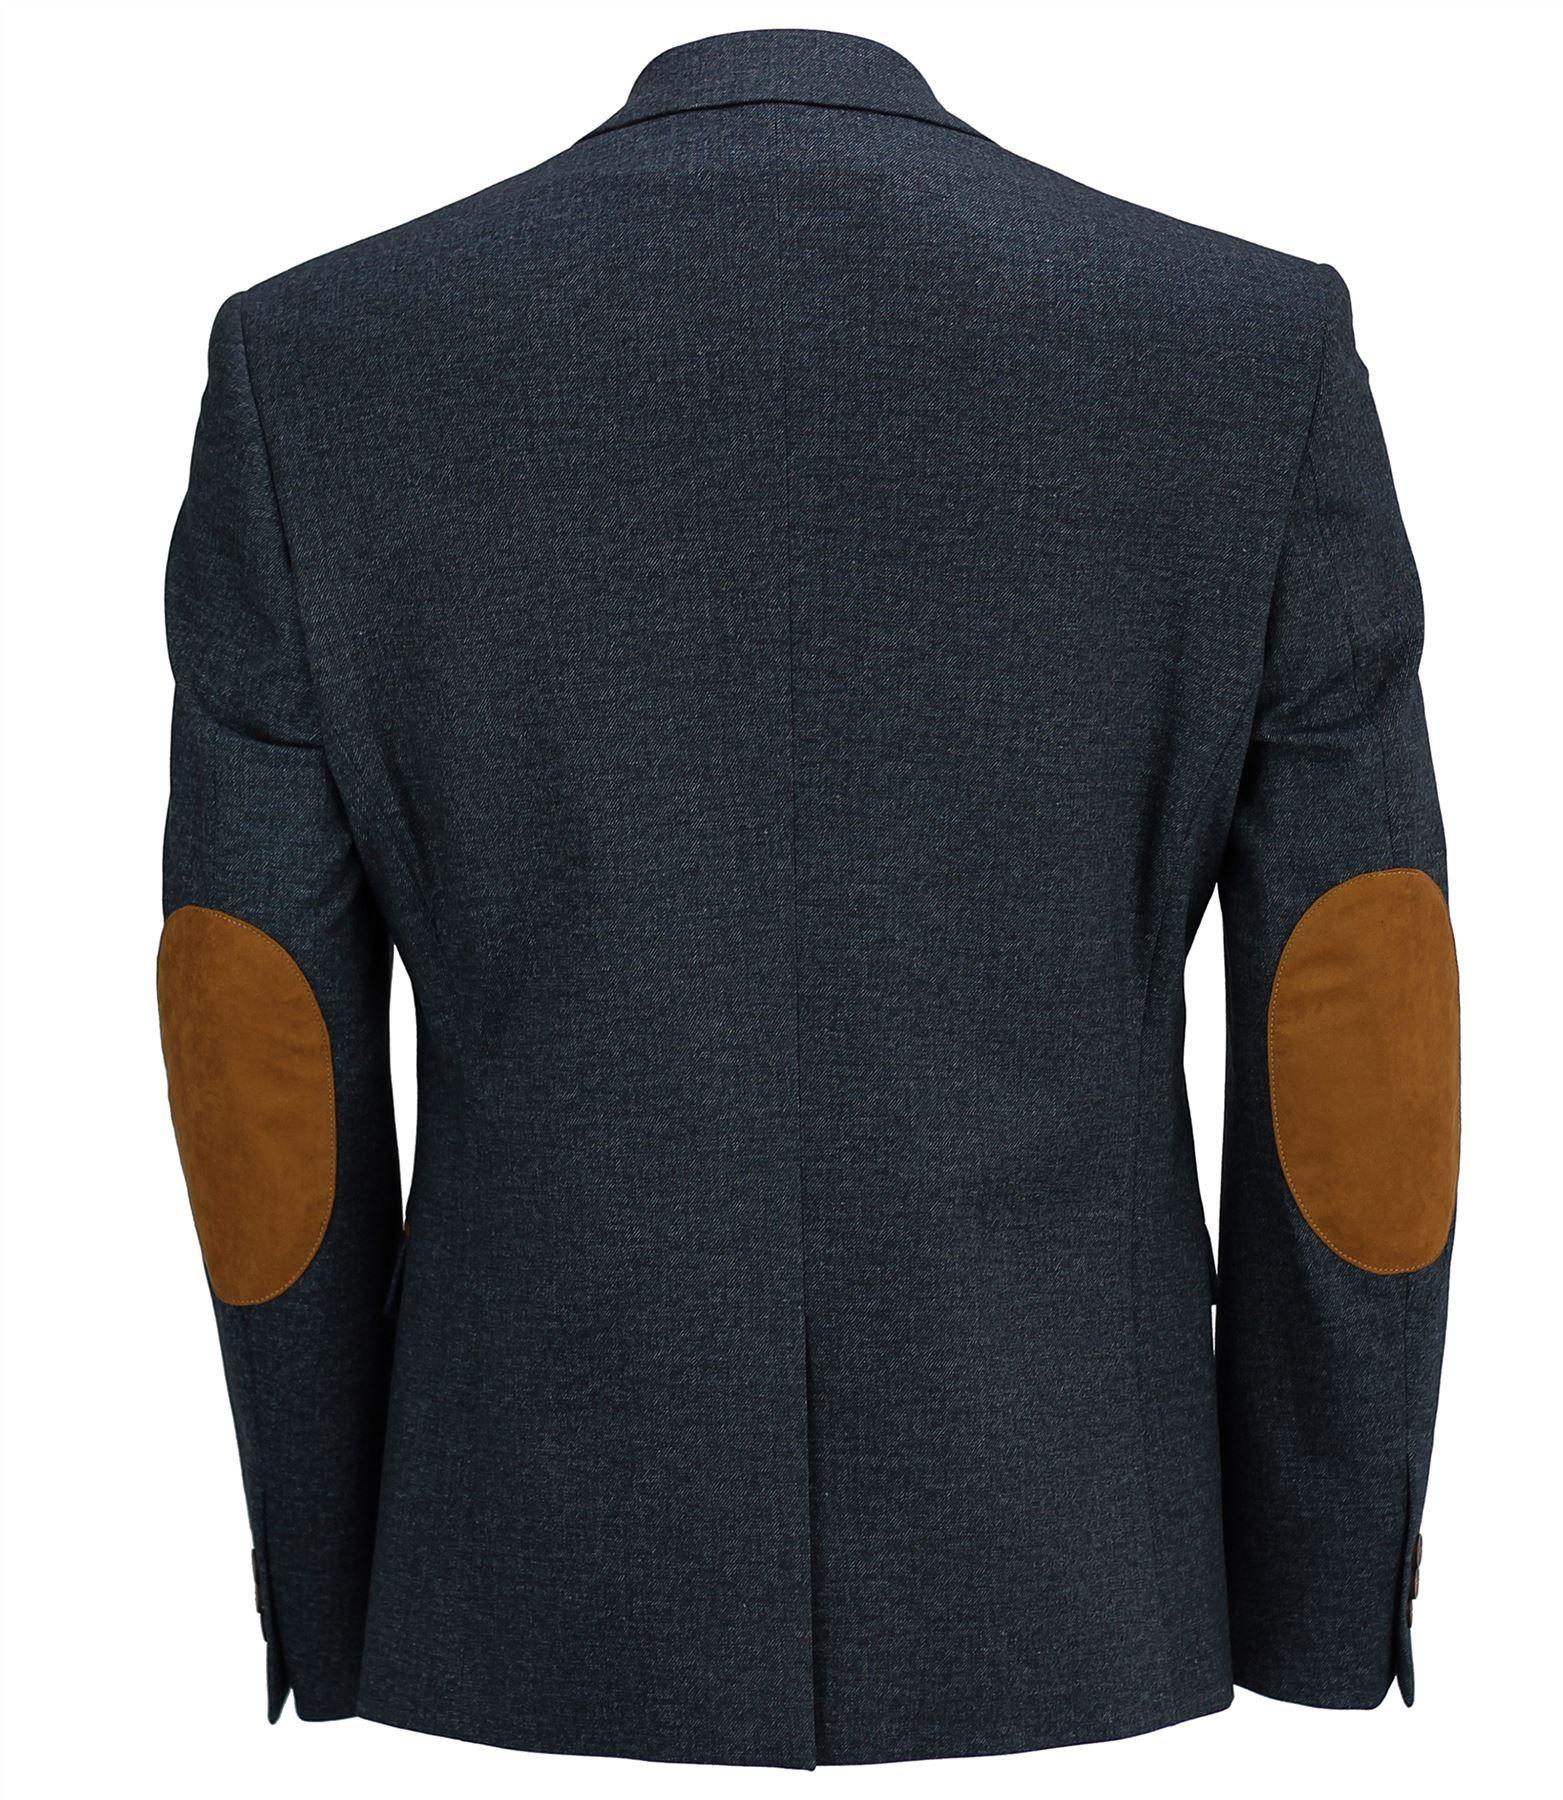 Para -Hombres-Smart-Casual-Amueblada-Chaqueta-Blazer-Estiramiento-Azul-Marron- Parche-De-Codo 7ecb8db9fb73